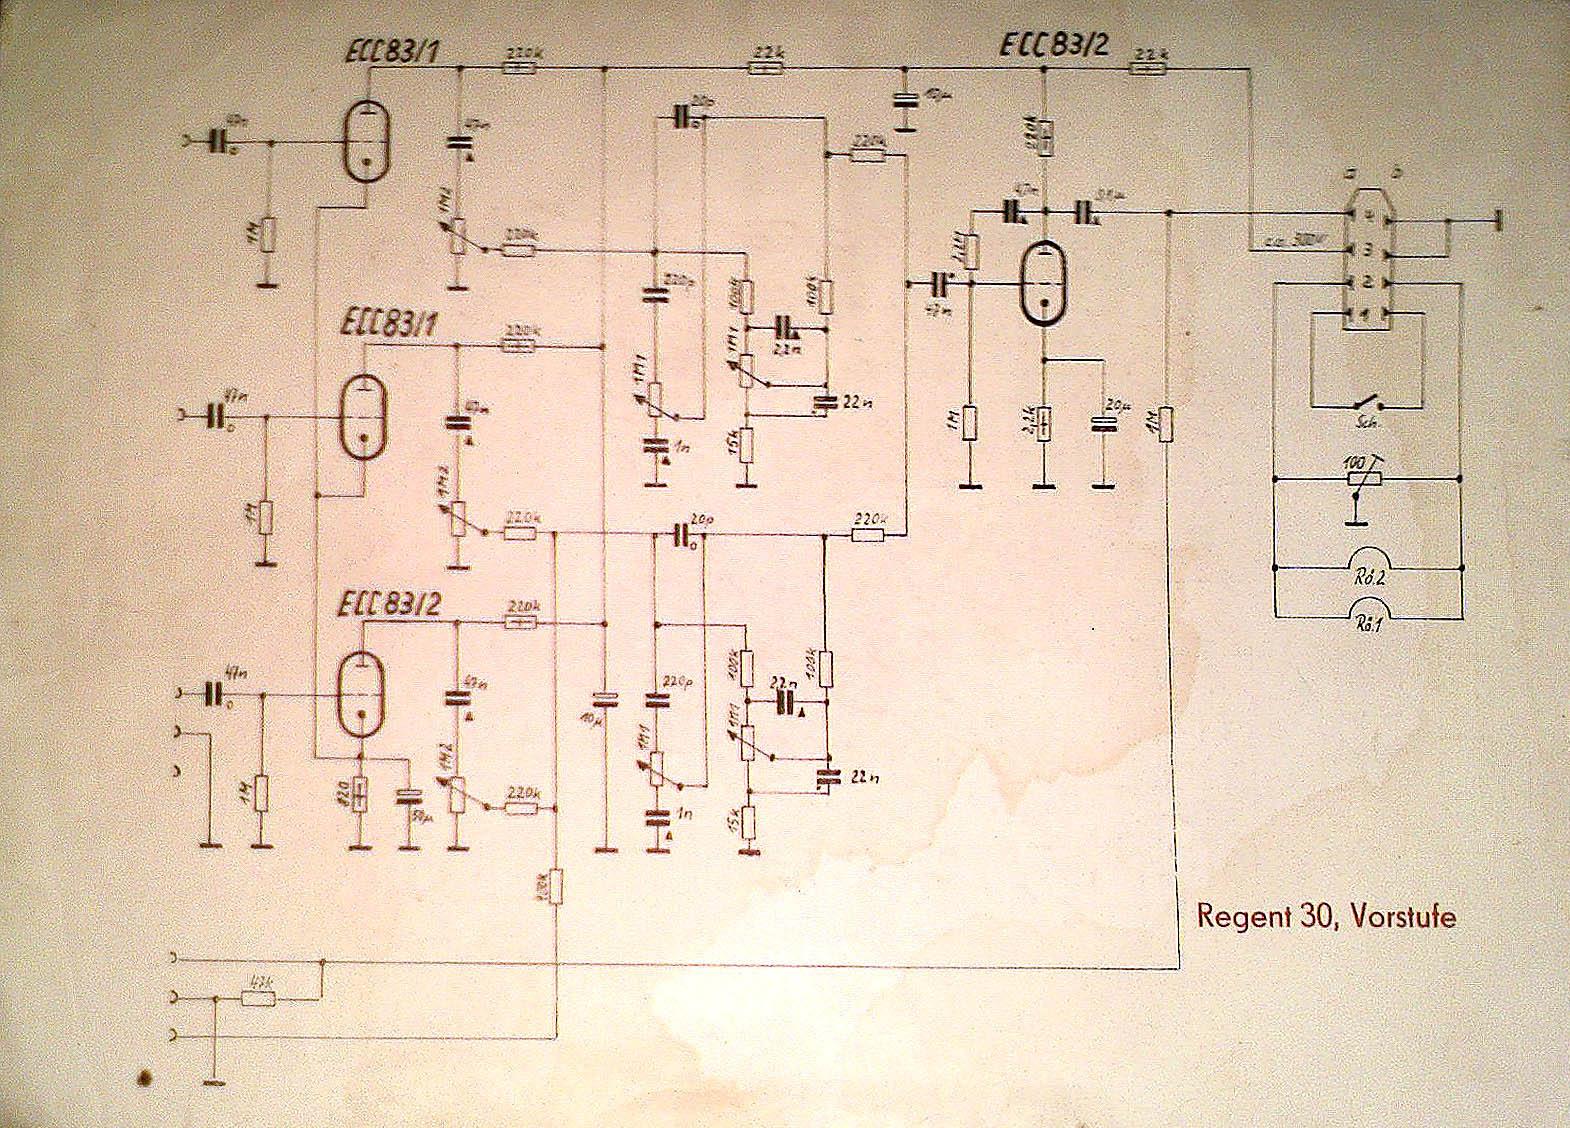 Схема лампового усилителя регент